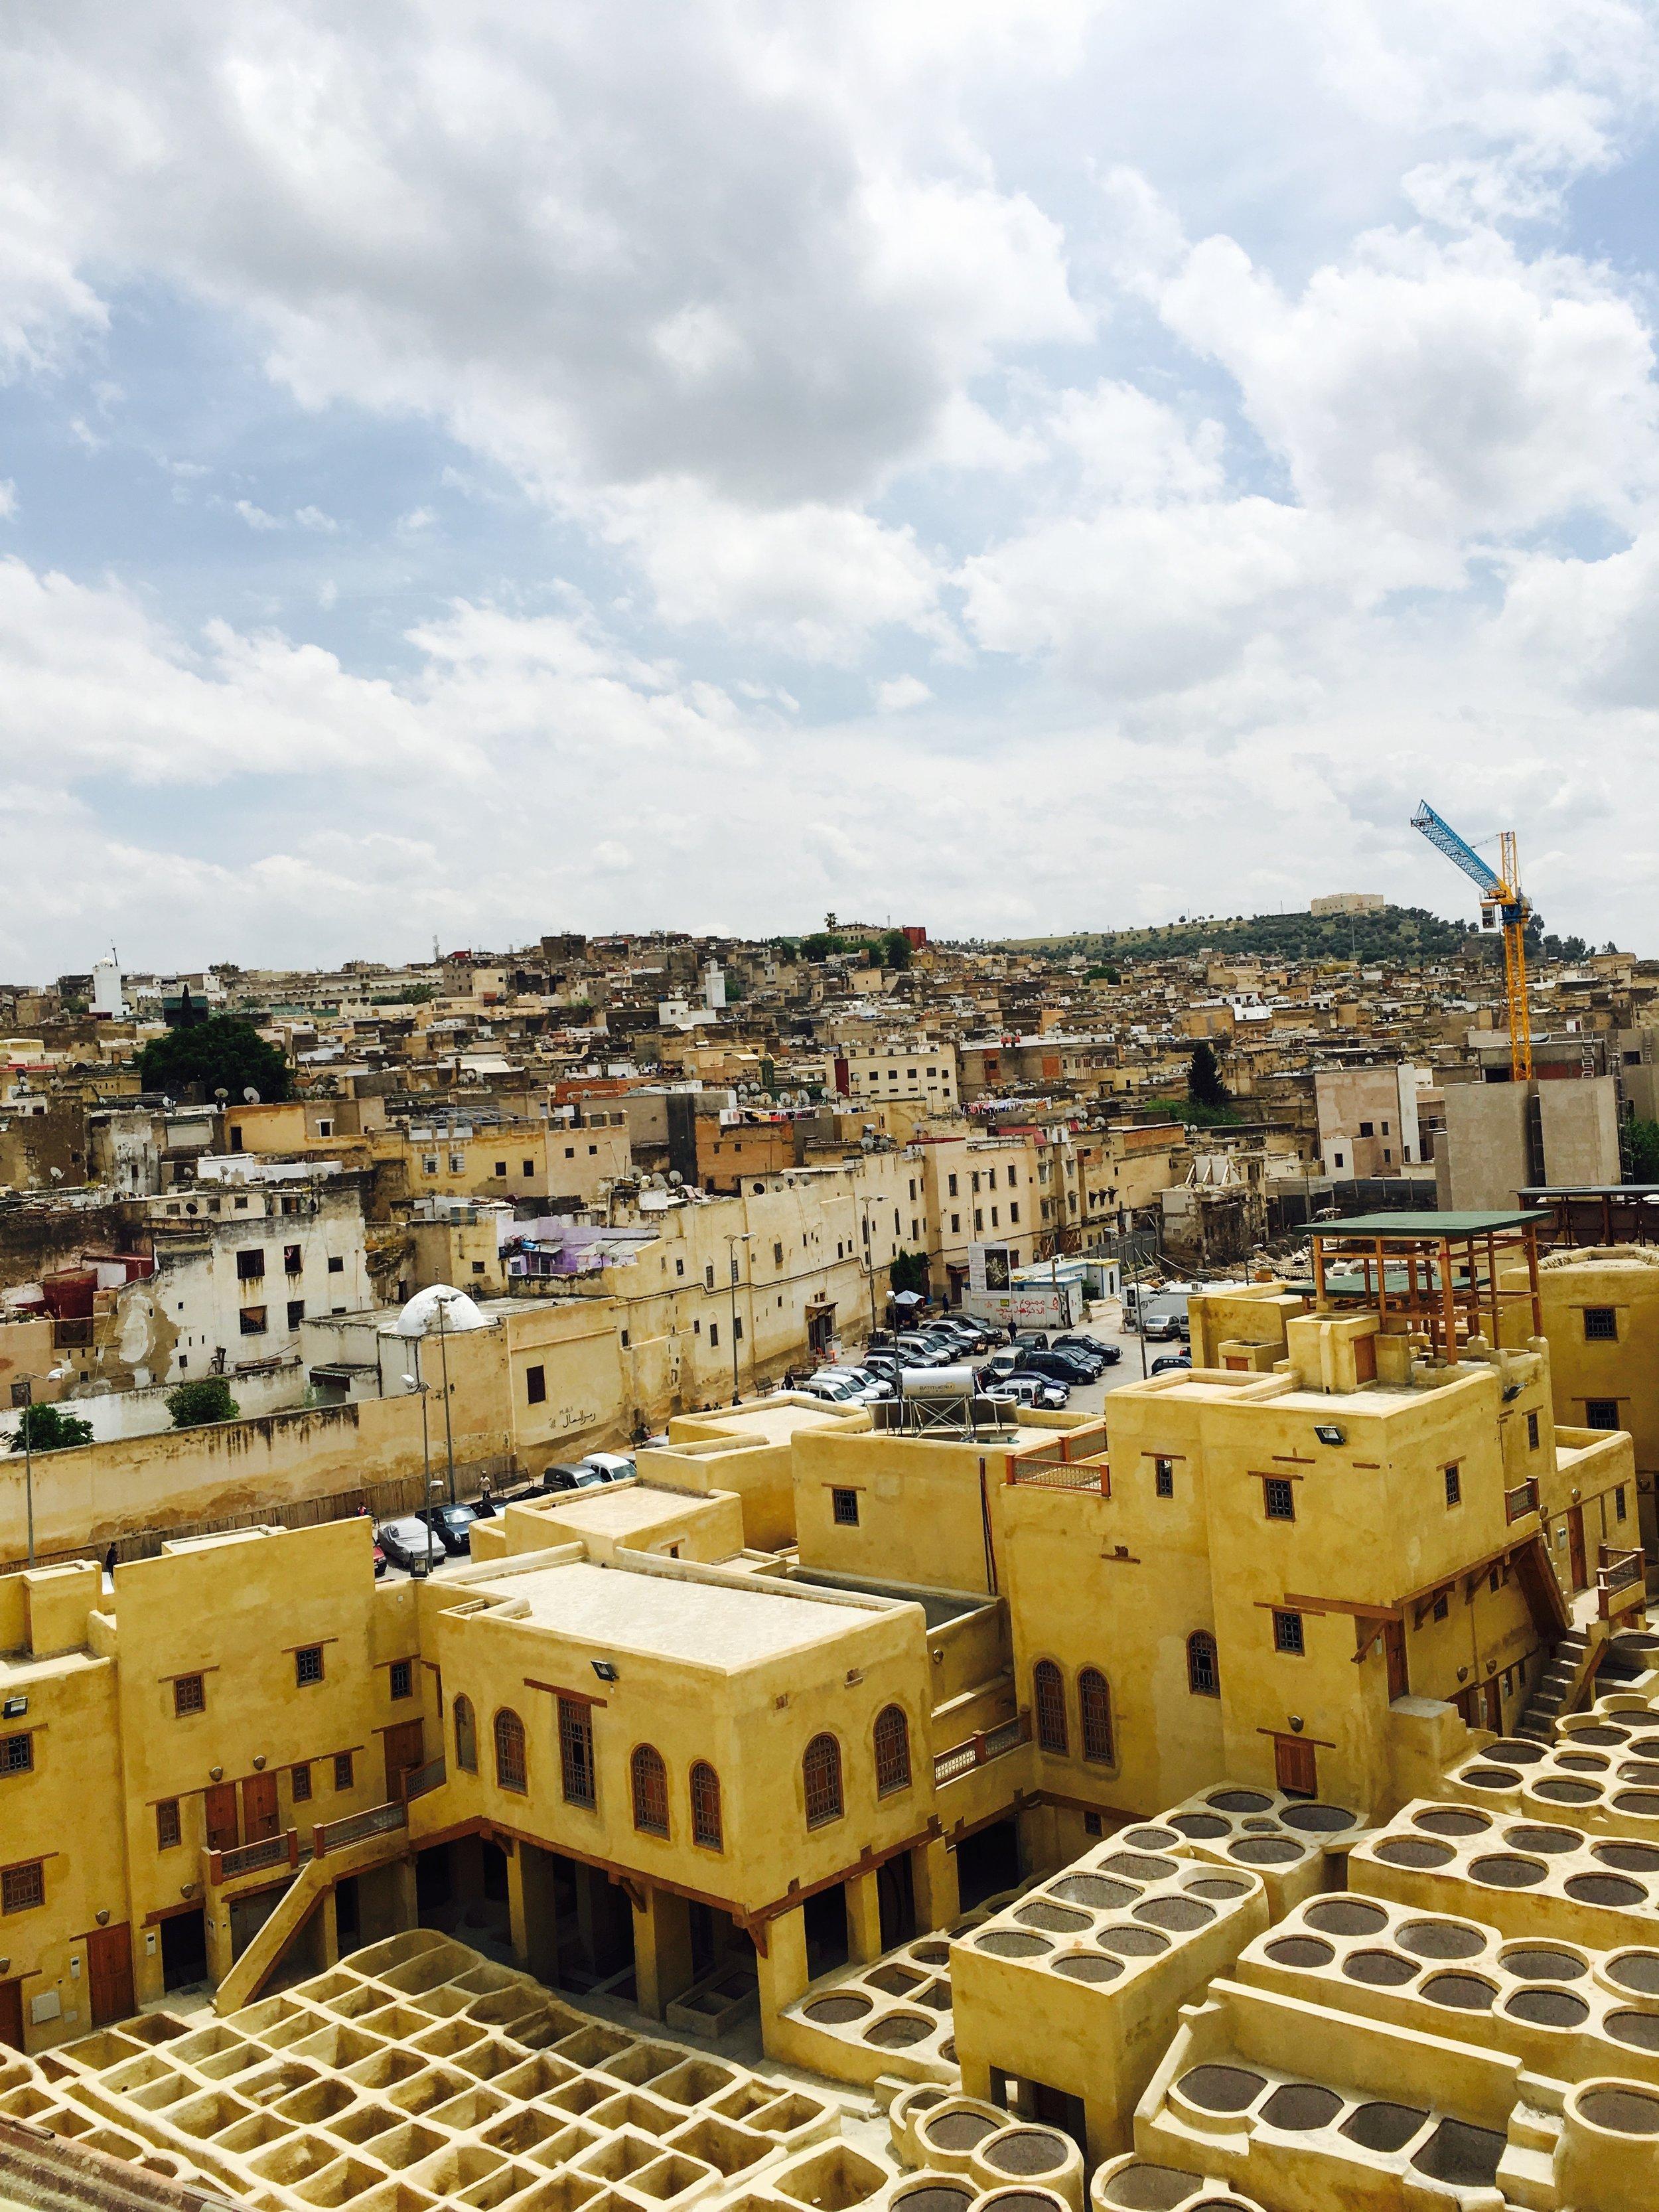 Yellow city. Morocco. Igloo Hong journey